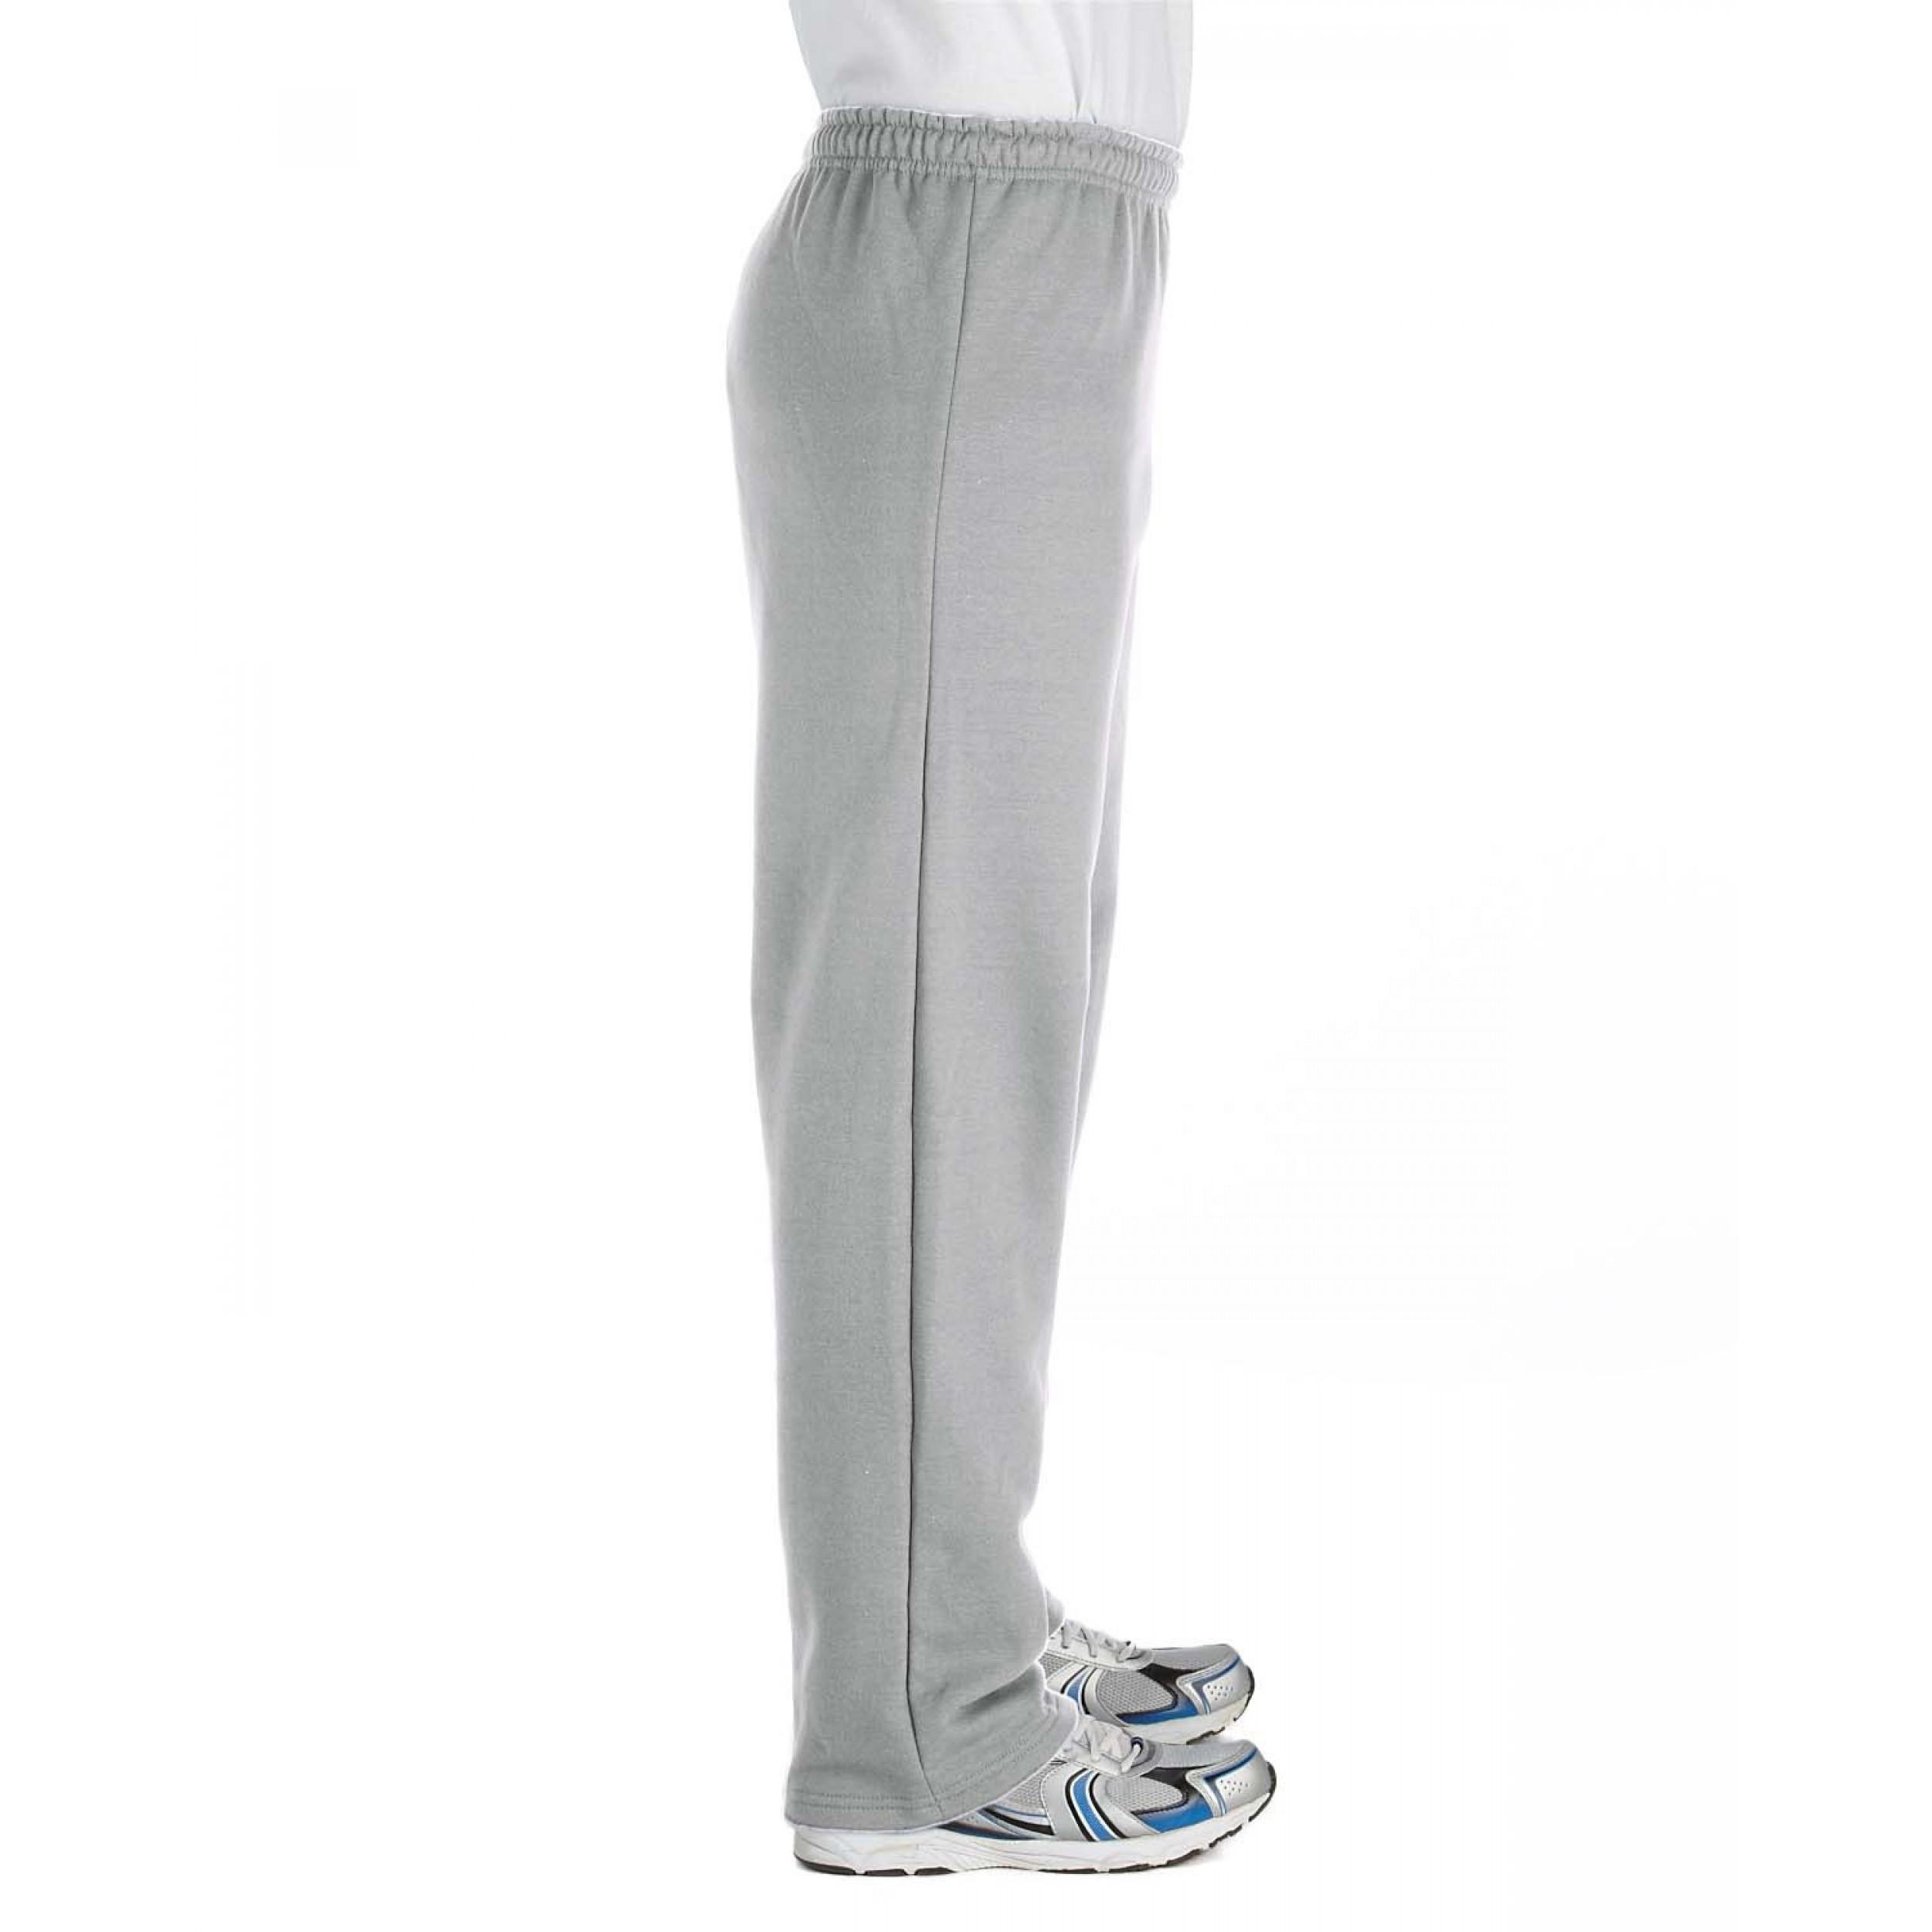 Flees Pants G184  SPORT GREY